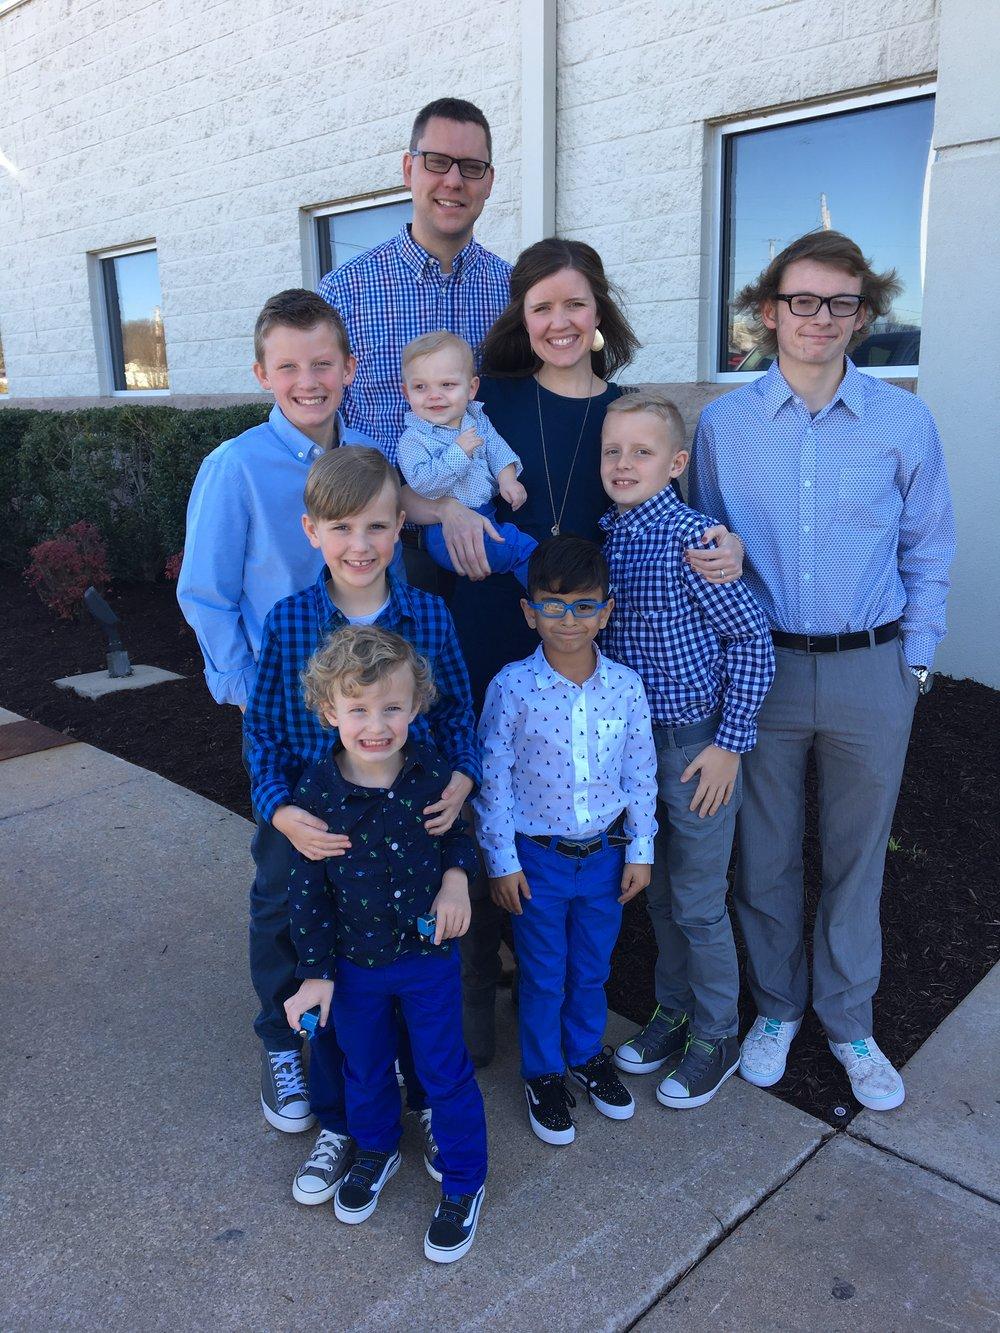 kelly krout family in blue.jpg